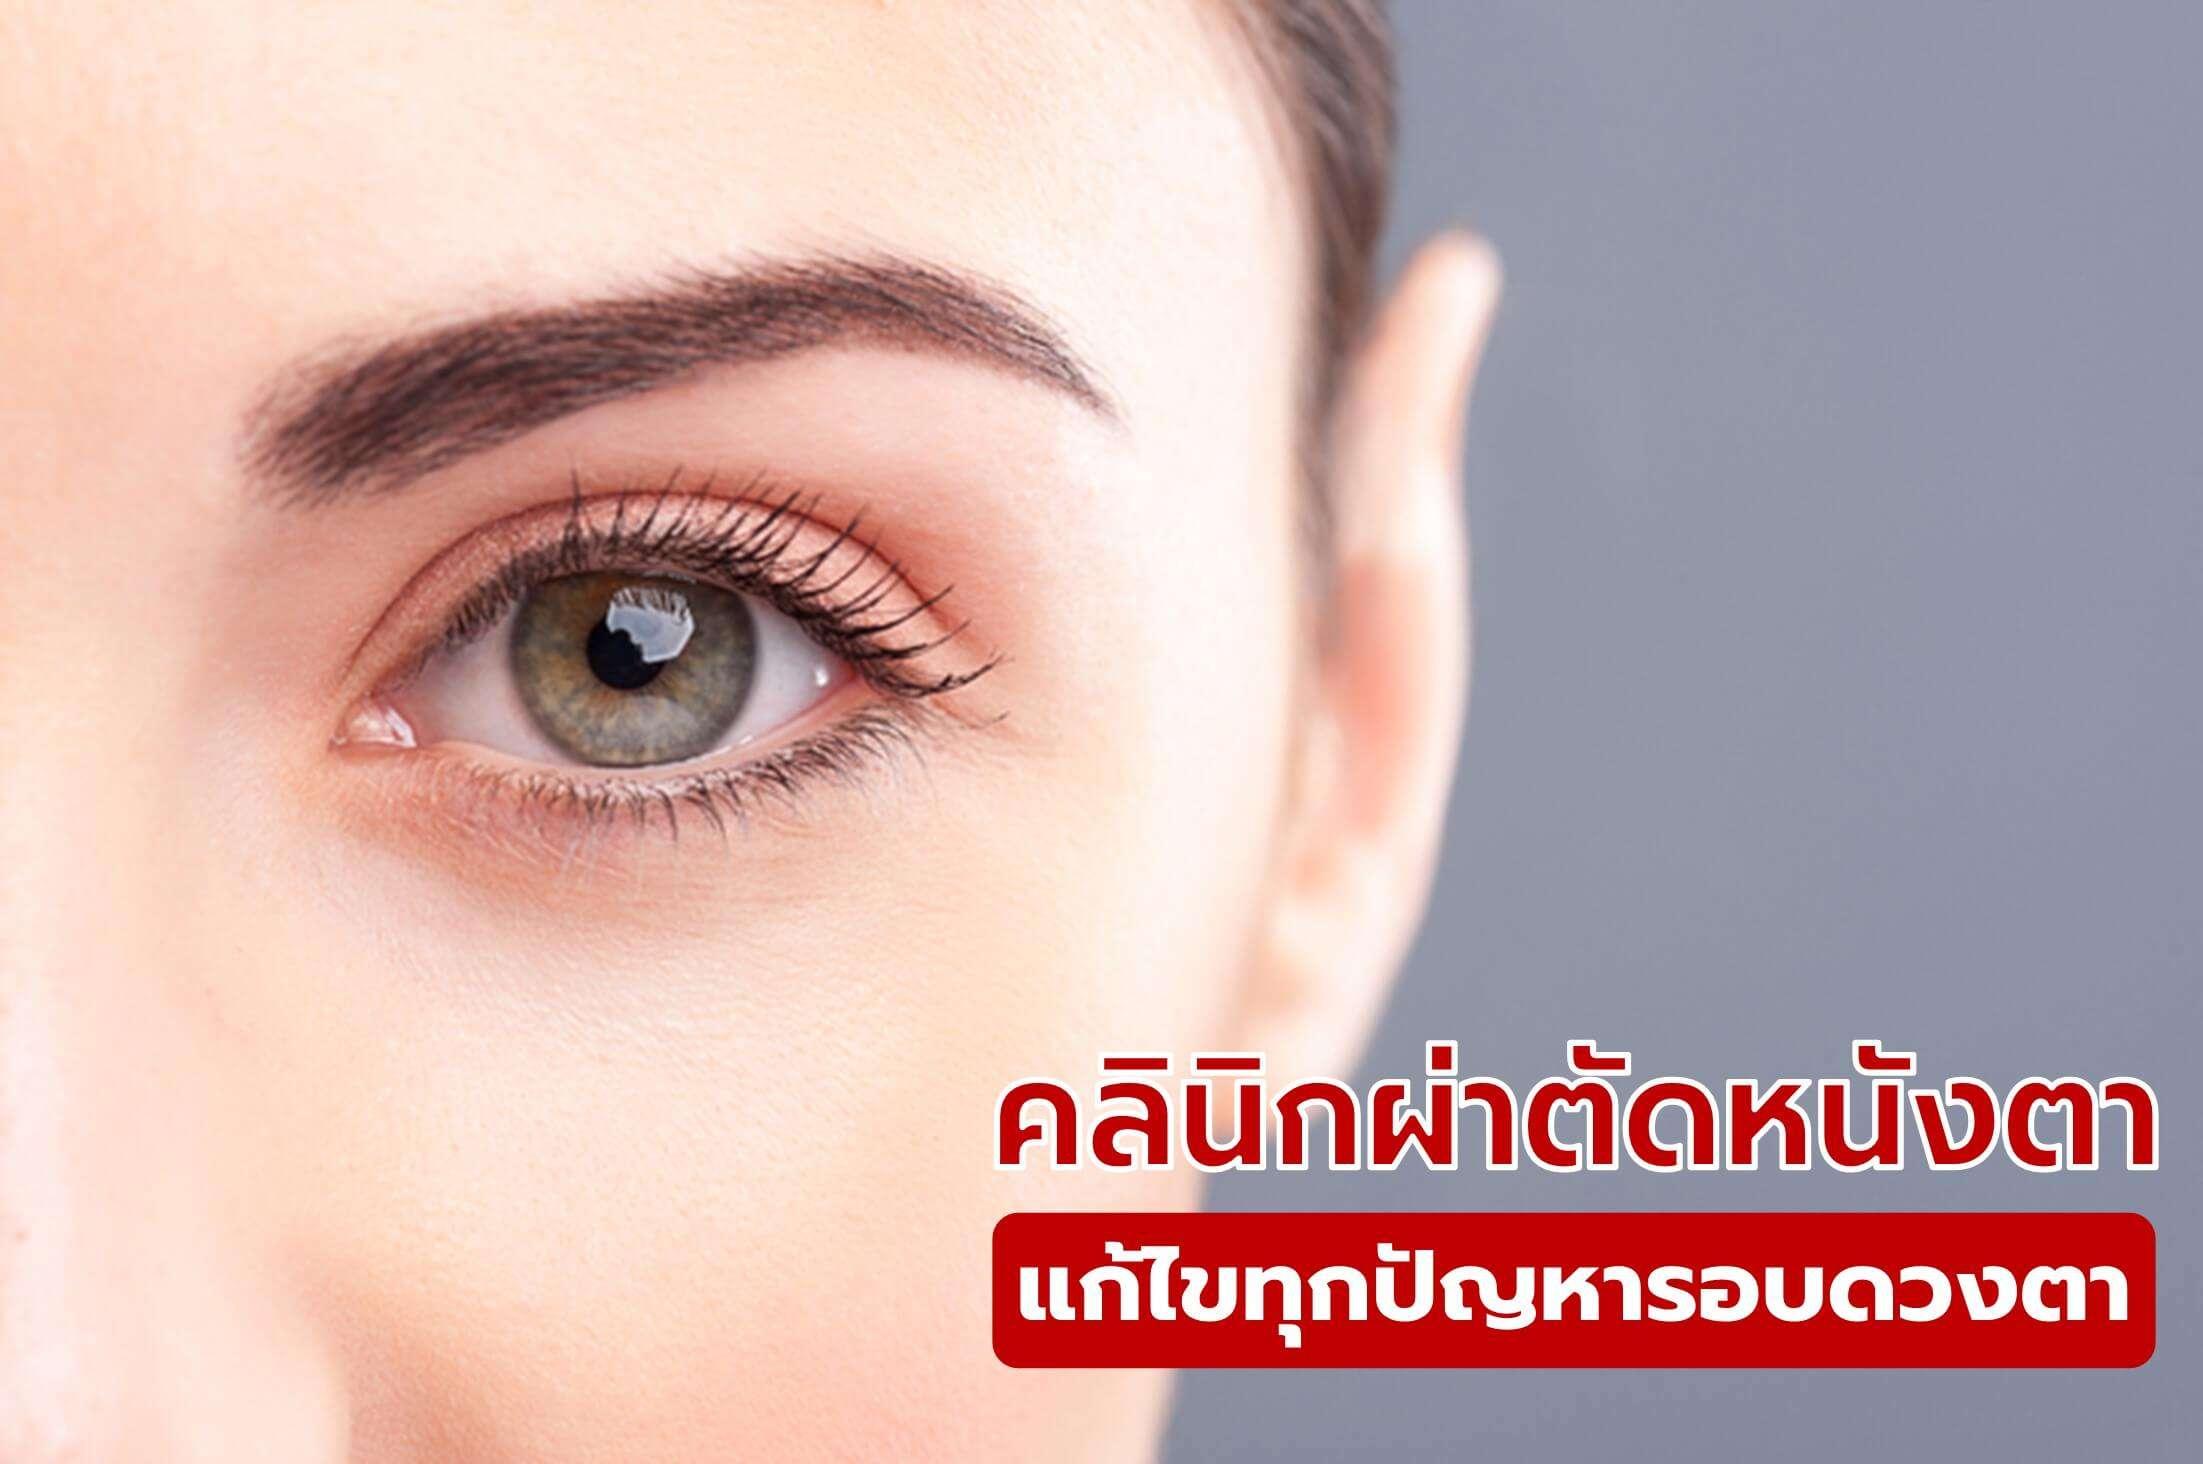 10 คลินิกผ่าตัดหนังตา มาตรฐานเลิศ แก้ไขทุกปัญหารอบดวงตา โดยแพทย์ผู้เชี่ยวชาญ 1